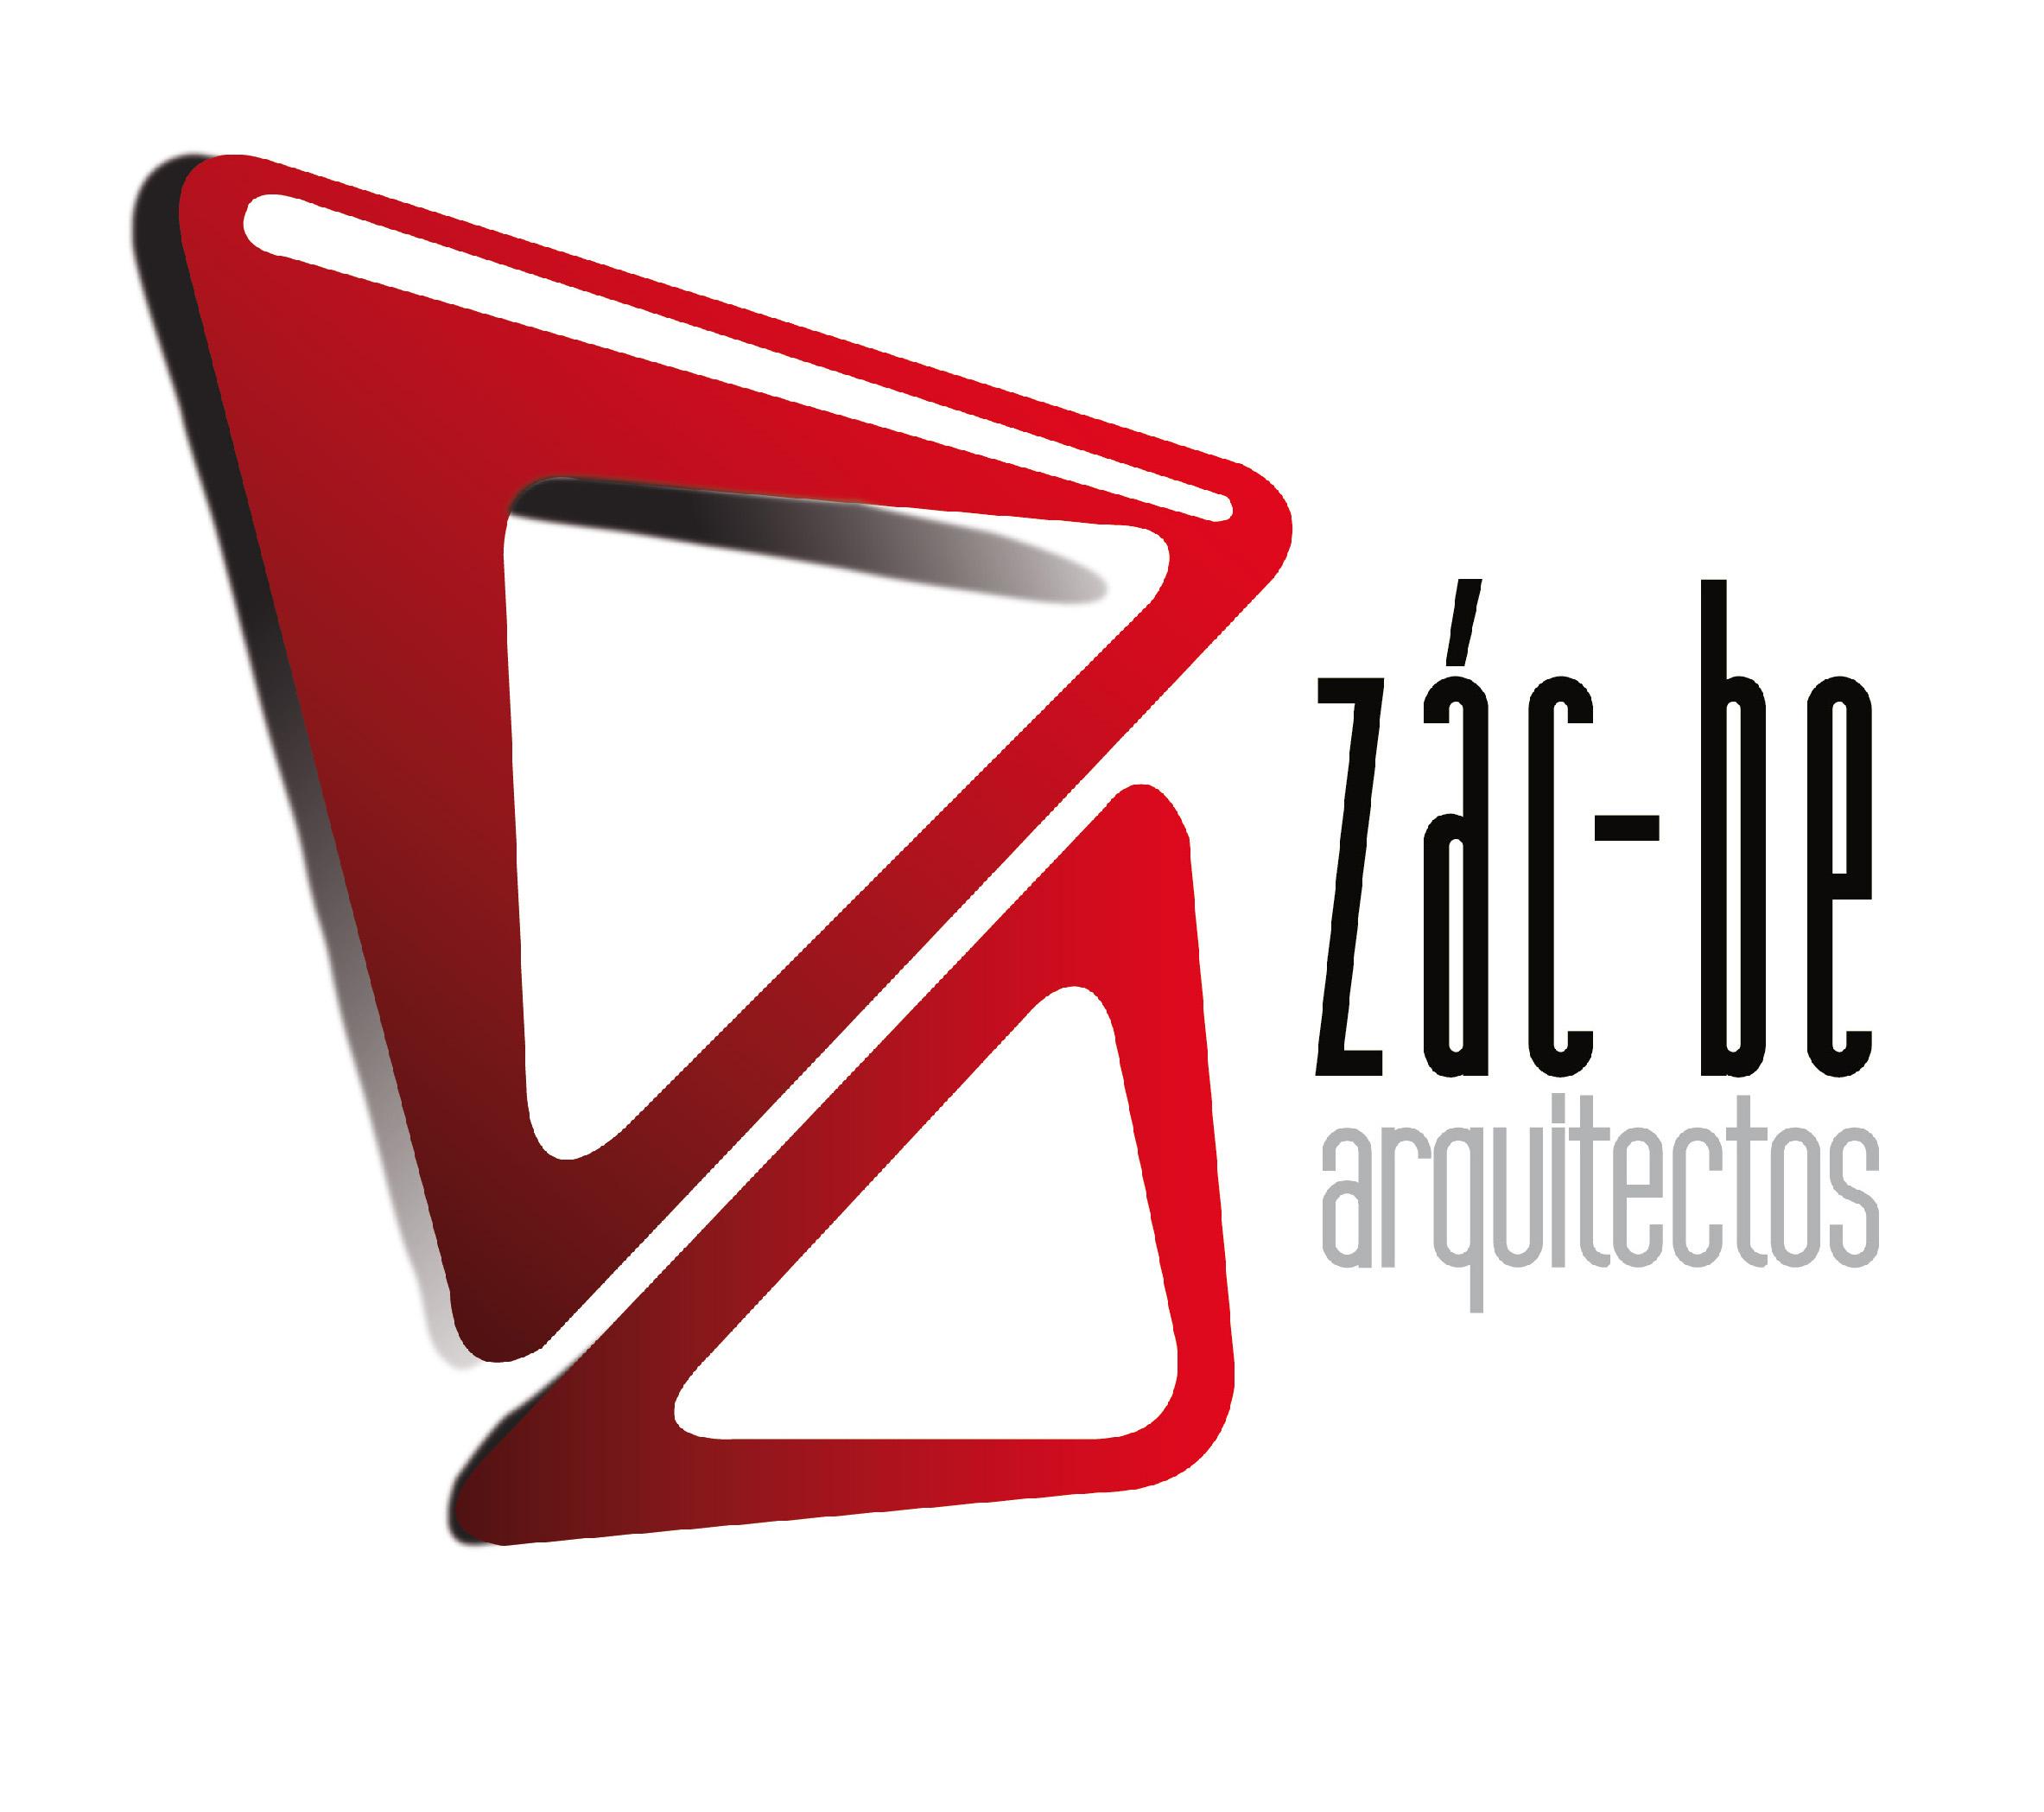 Zac-be Arquitectos